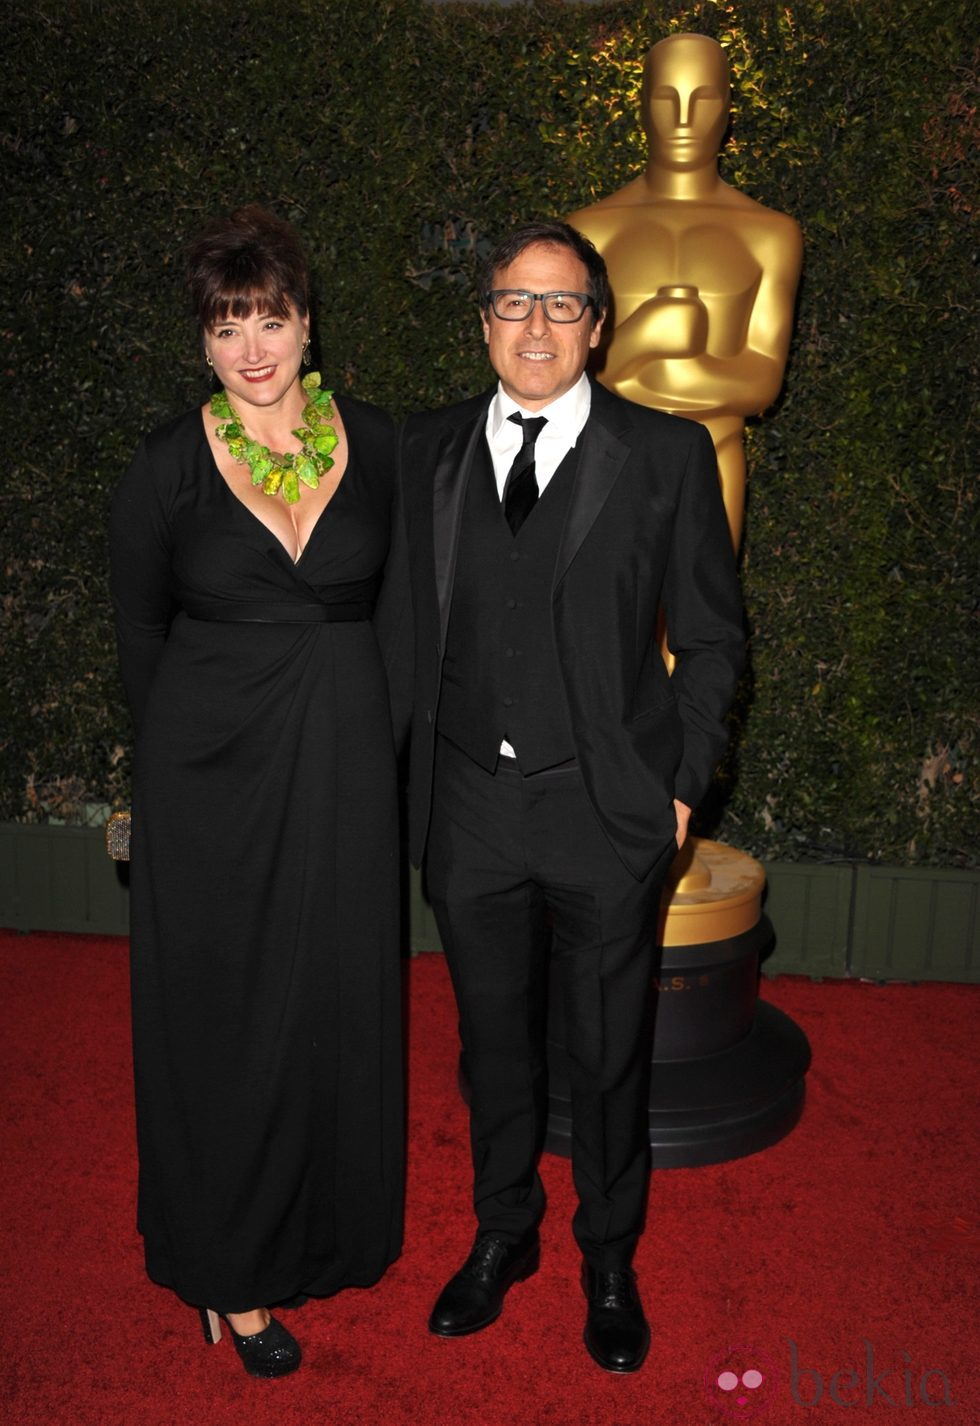 Janet Grillo y David O. Russell en la ceremonia de entrega de los Governors Awards 2013